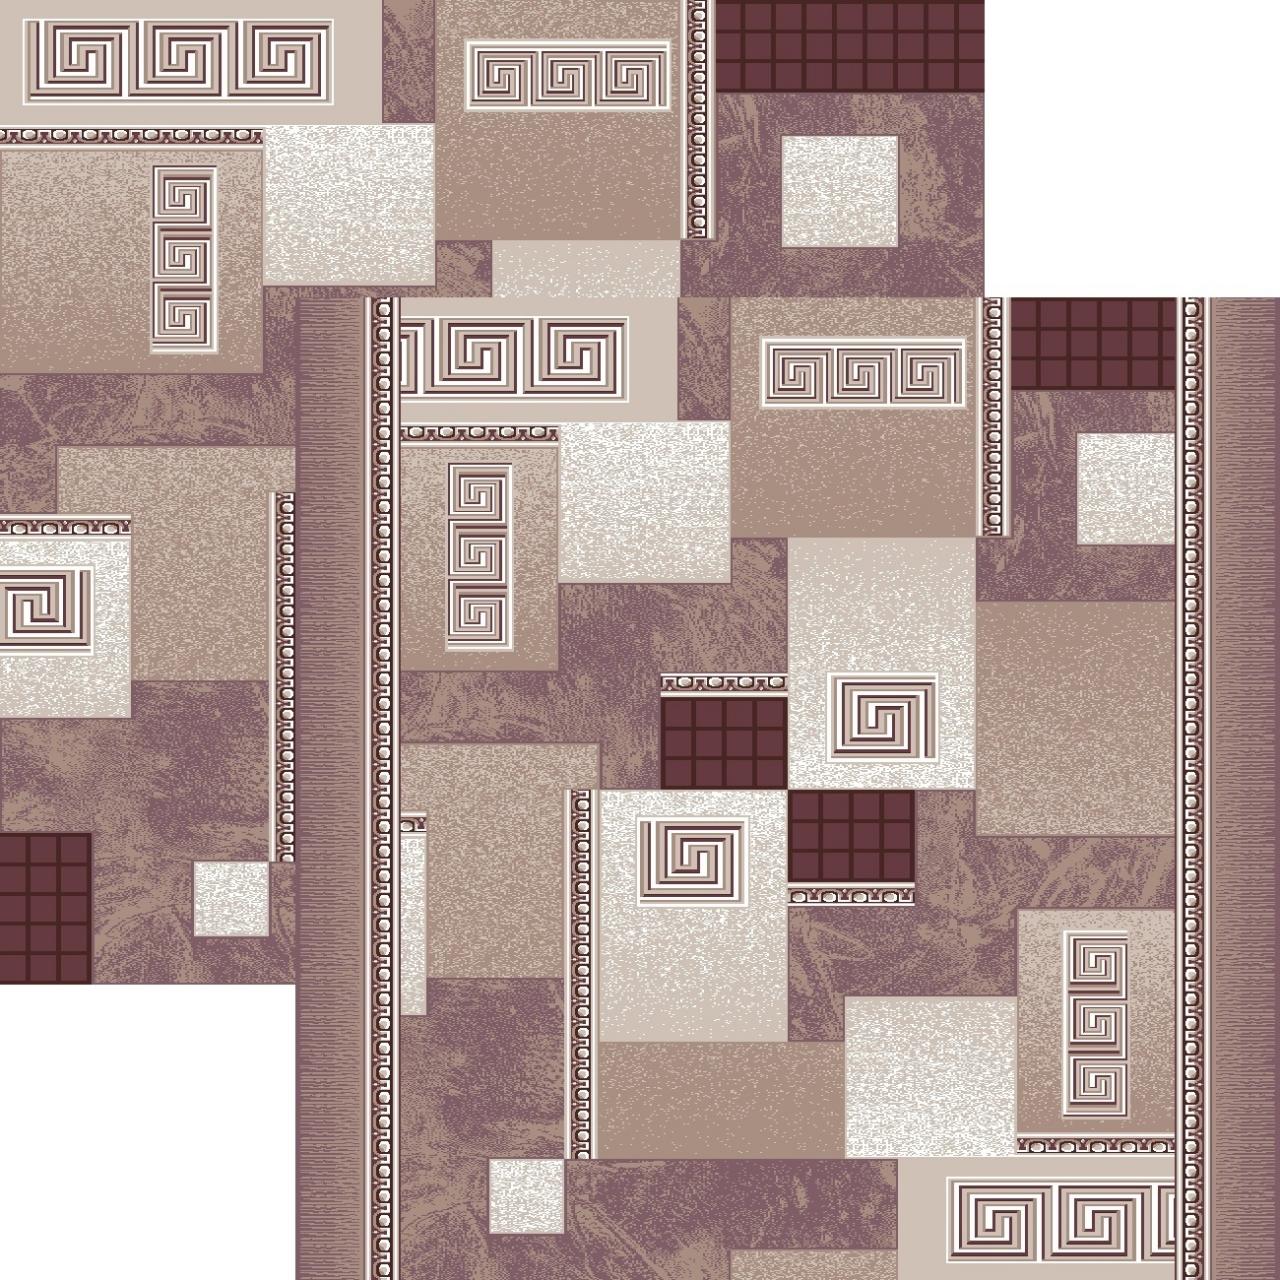 Ковровая дорожка p1286e2r - 93 - коллекция принт 8-ми цветная дорожка